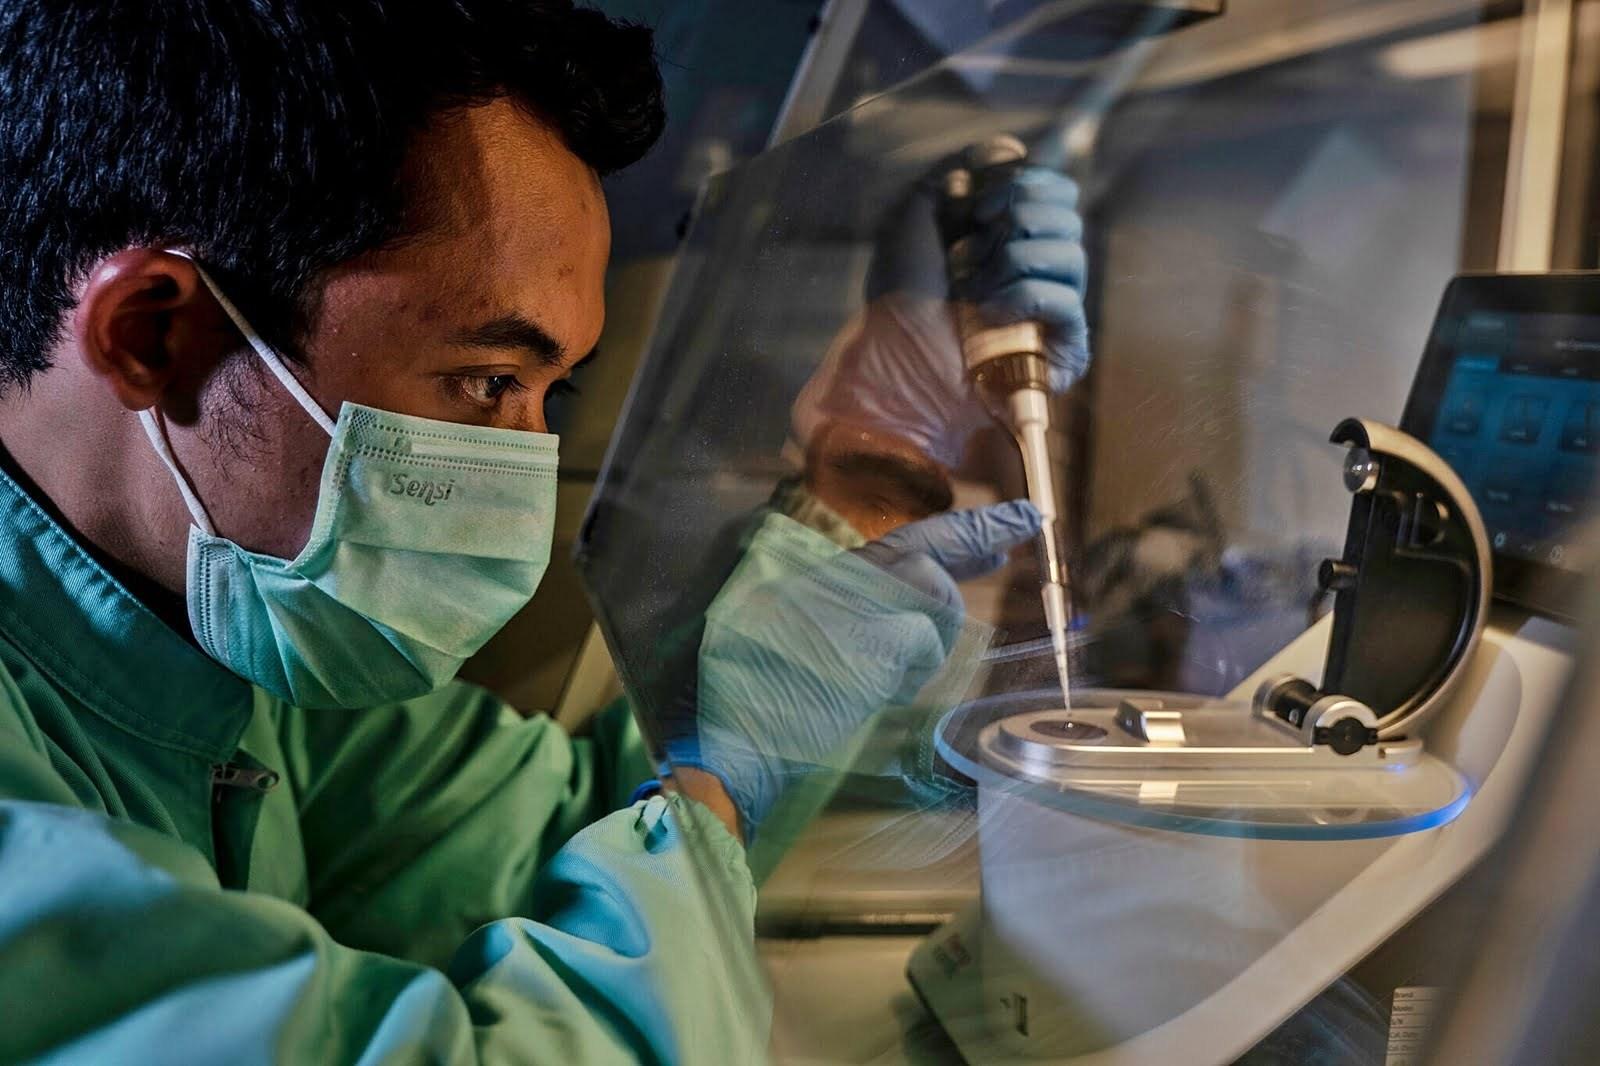 Vaksin Merah Putih dan Nusantara Wujud Kemandirian Bangsa